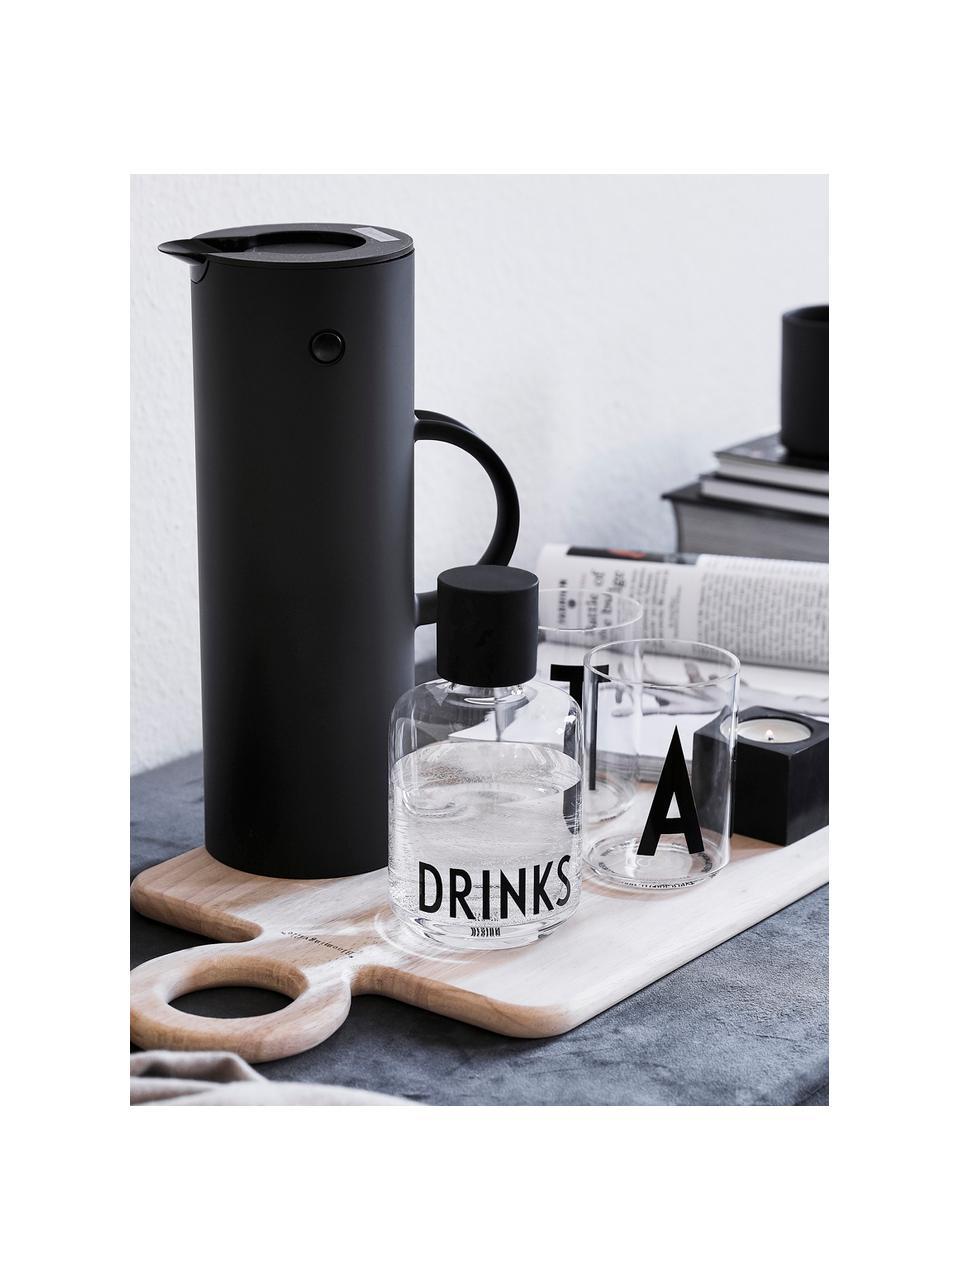 Design Glaskaraffe Drinks mit Schriftzug, 500 ml, Transparent, Schwarz, H 18 cm